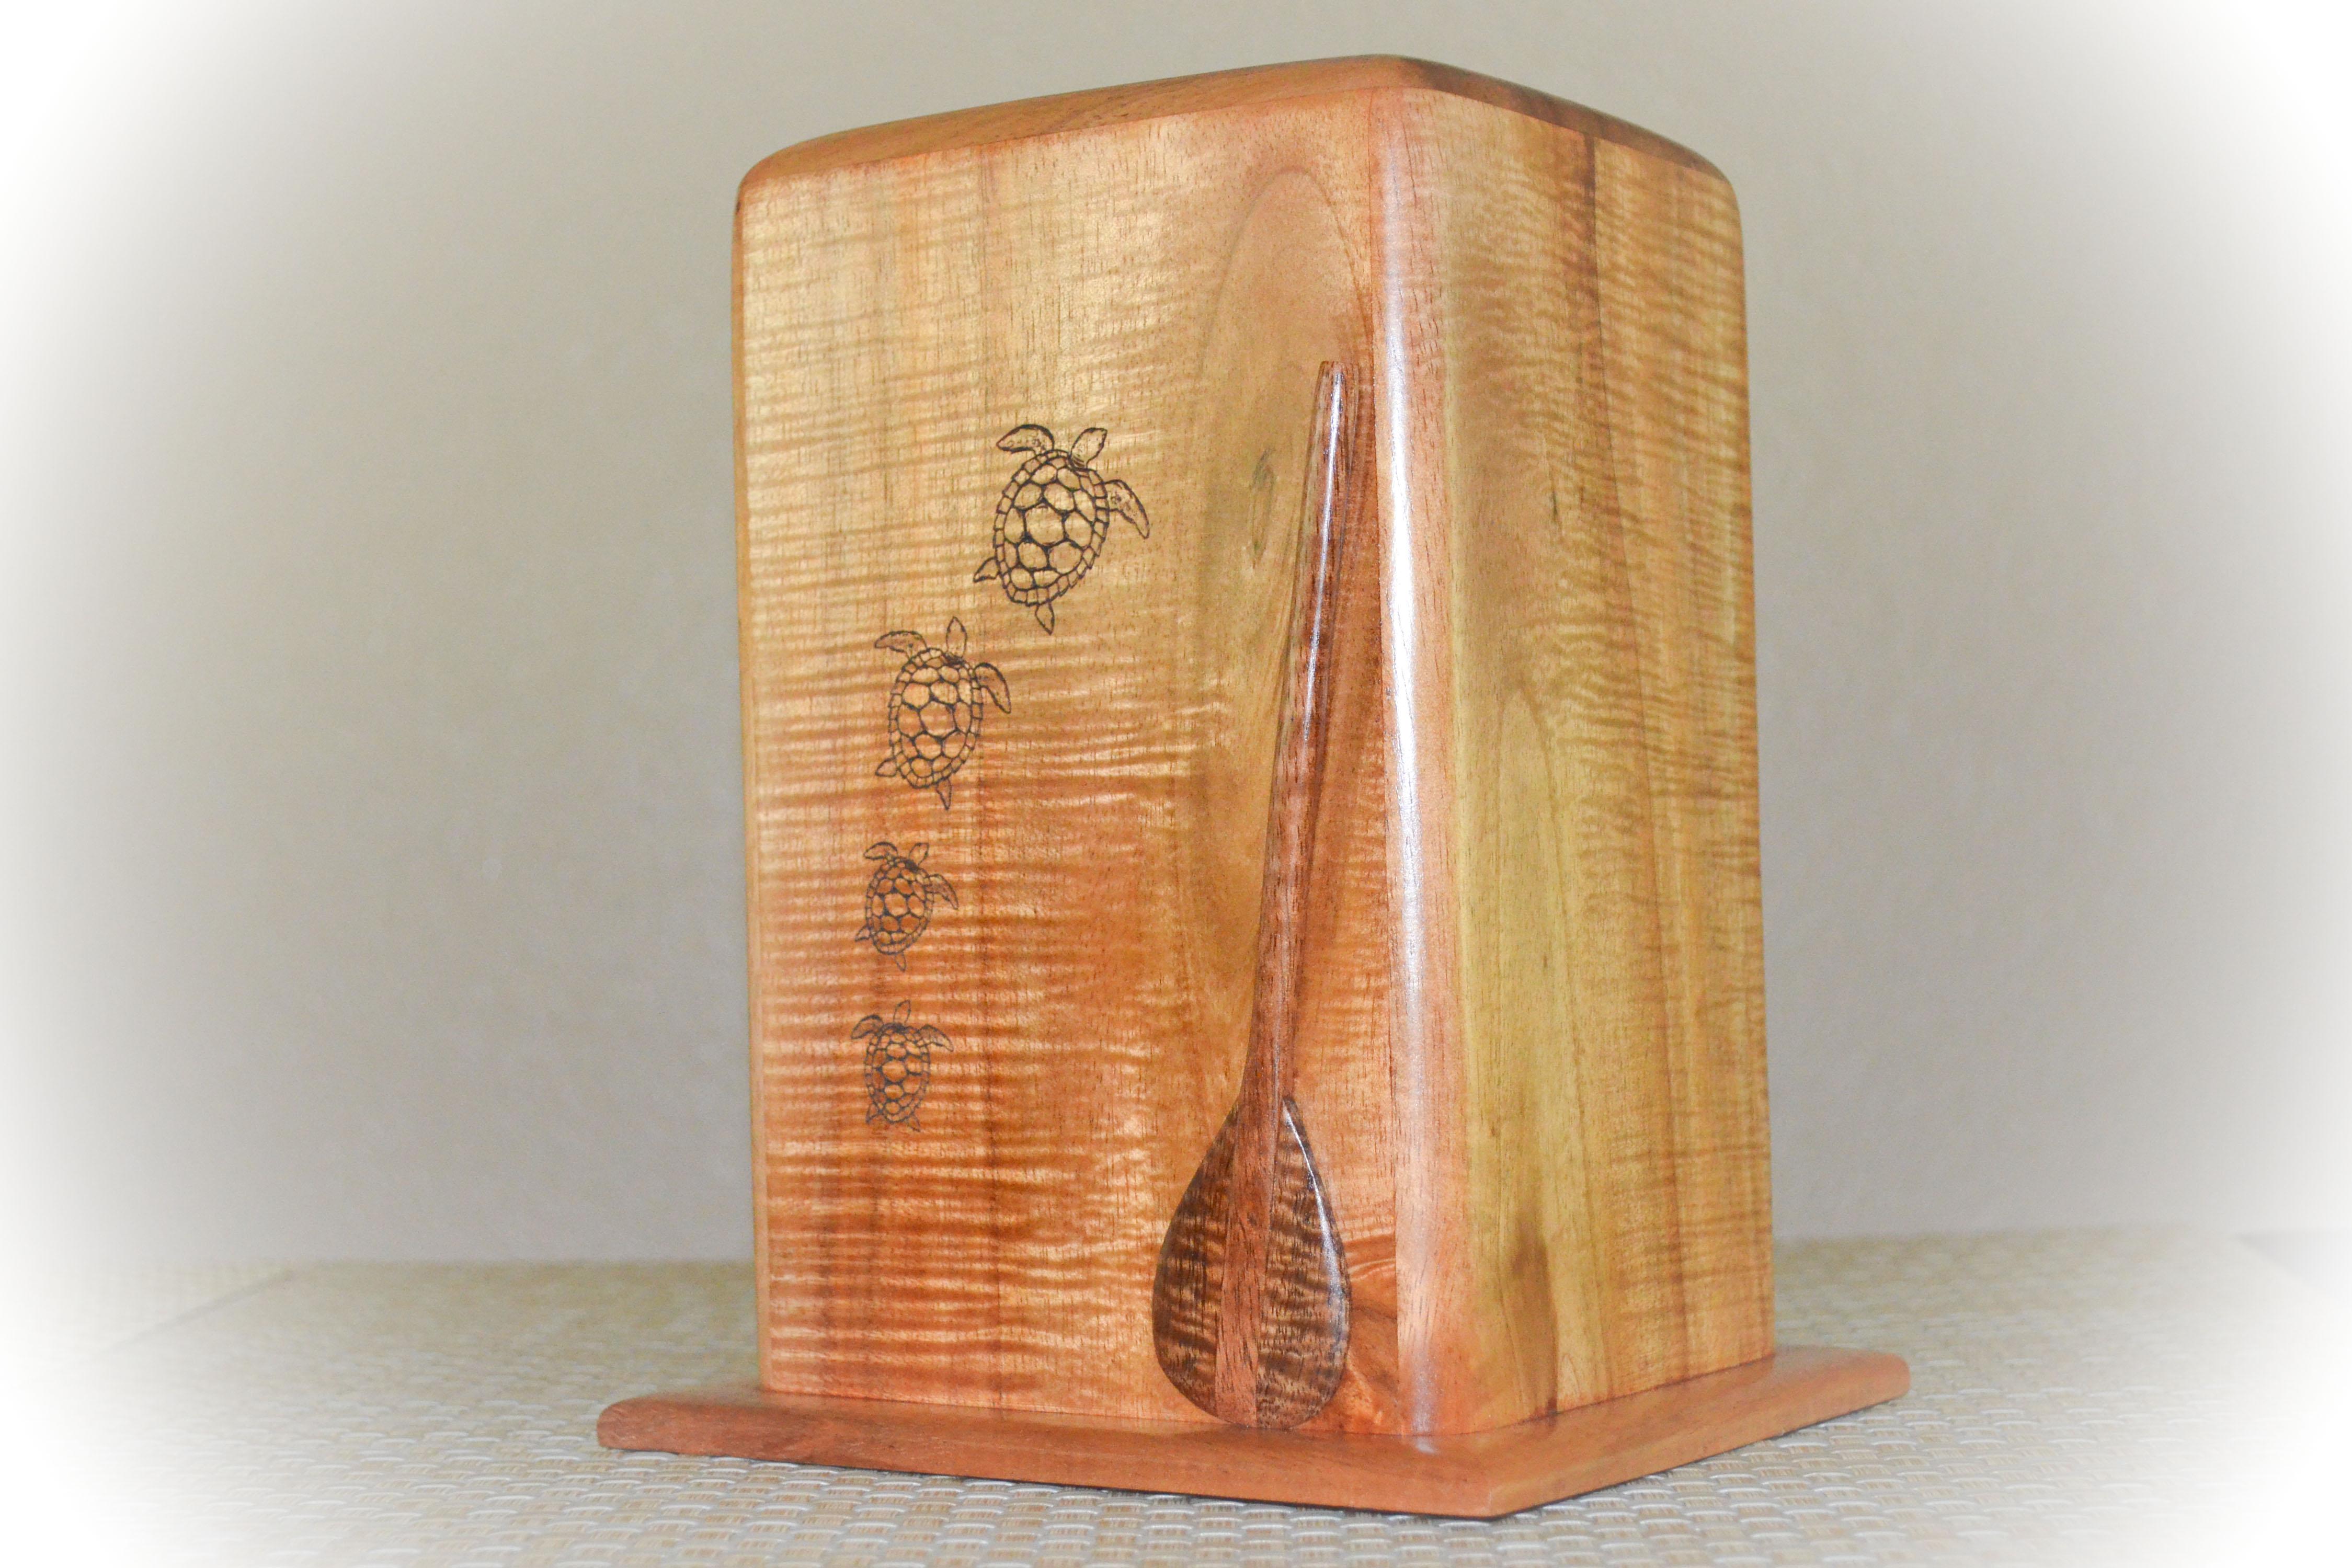 custome koa wood urn